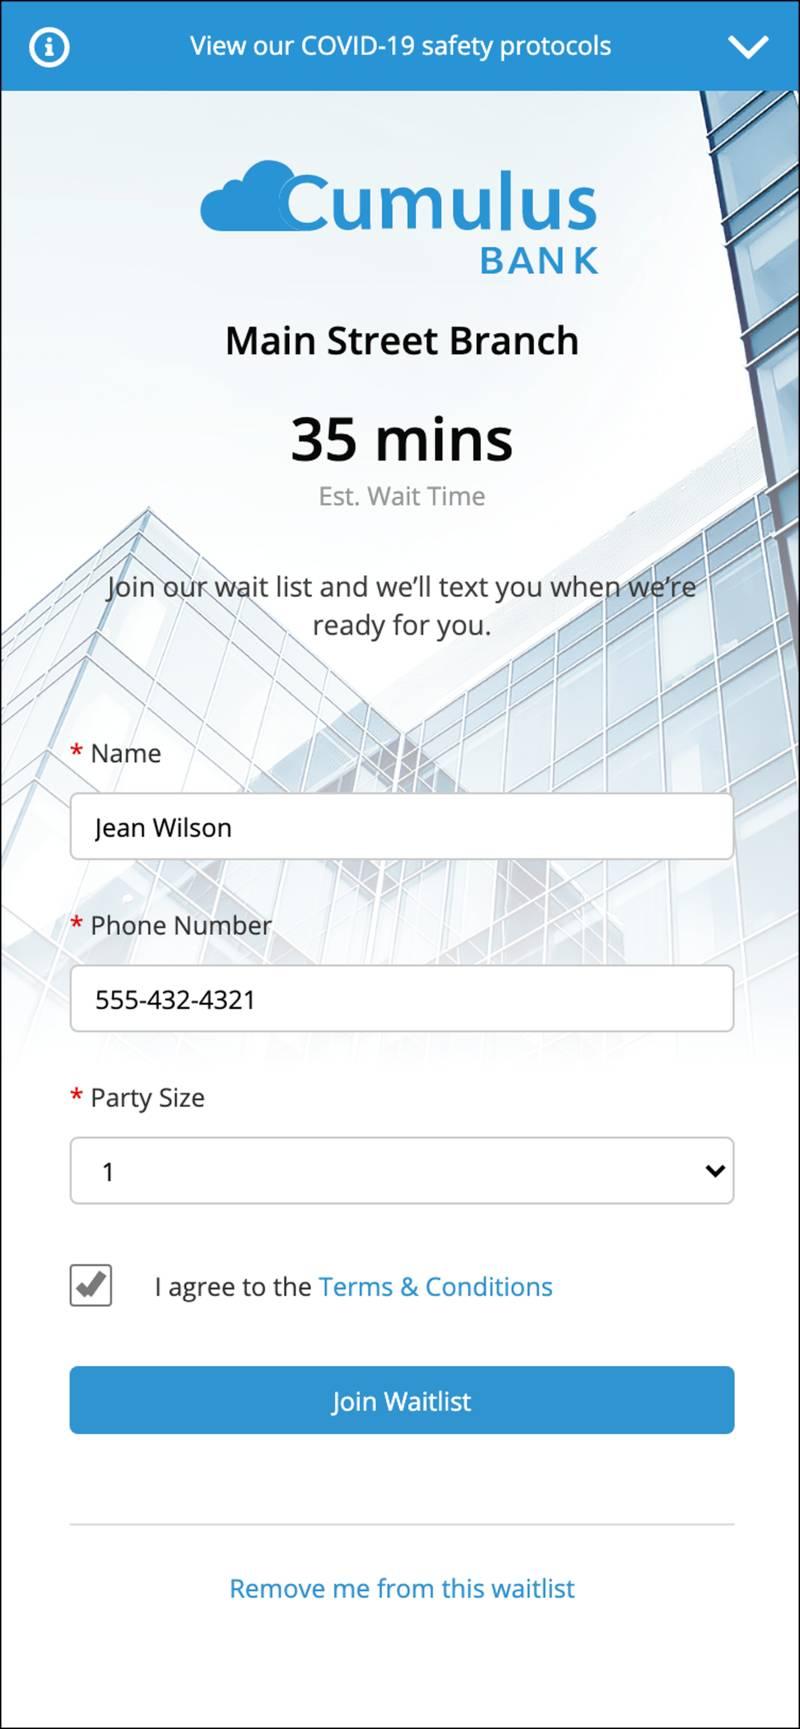 モバイルの順番待ちリストの登録ページ